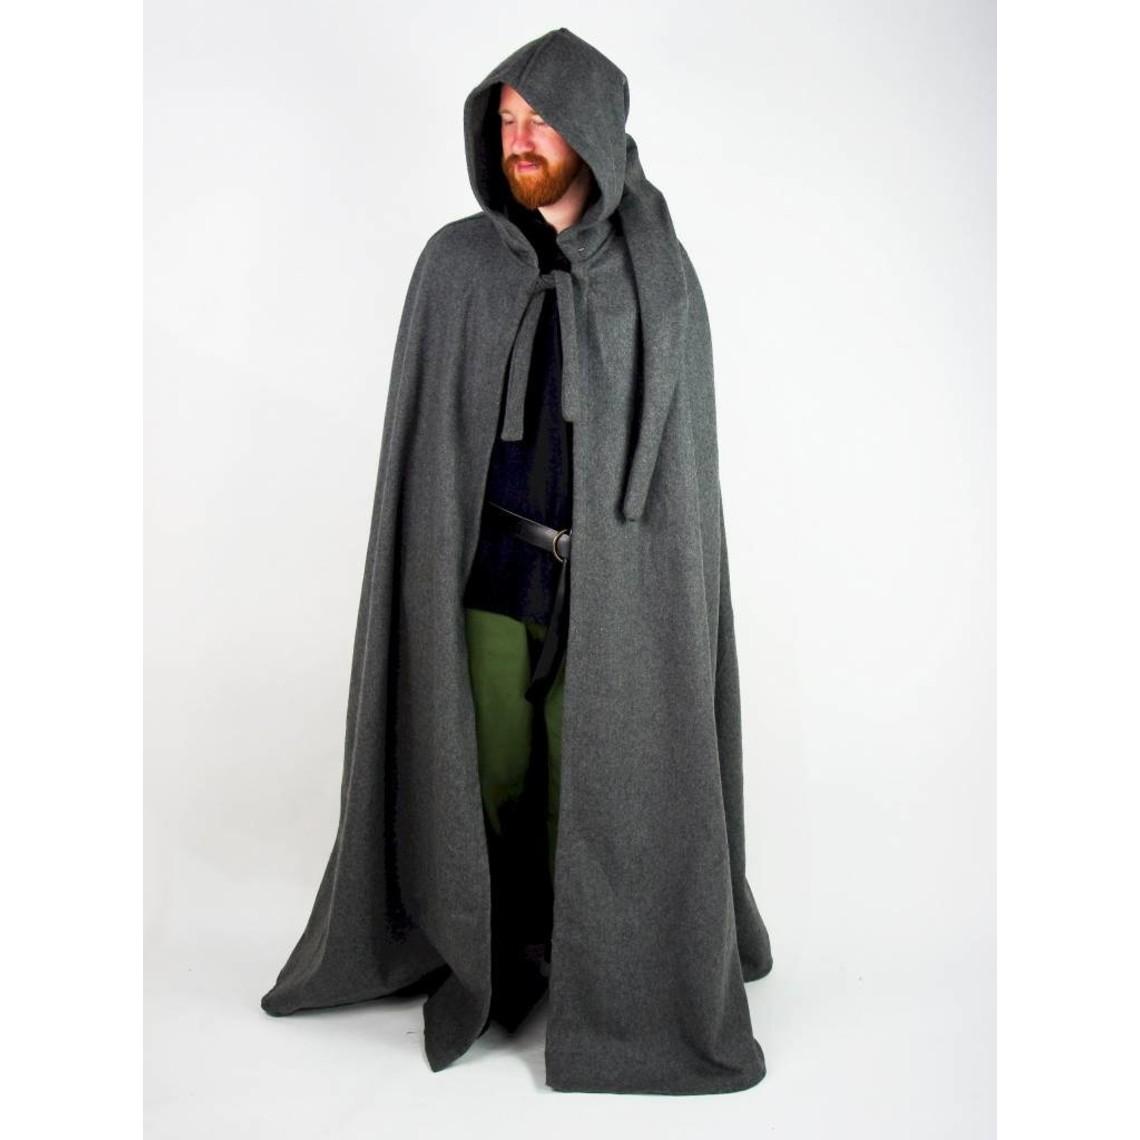 Leonardo Carbone Średniowieczny płaszcz z kapturem, niebieski